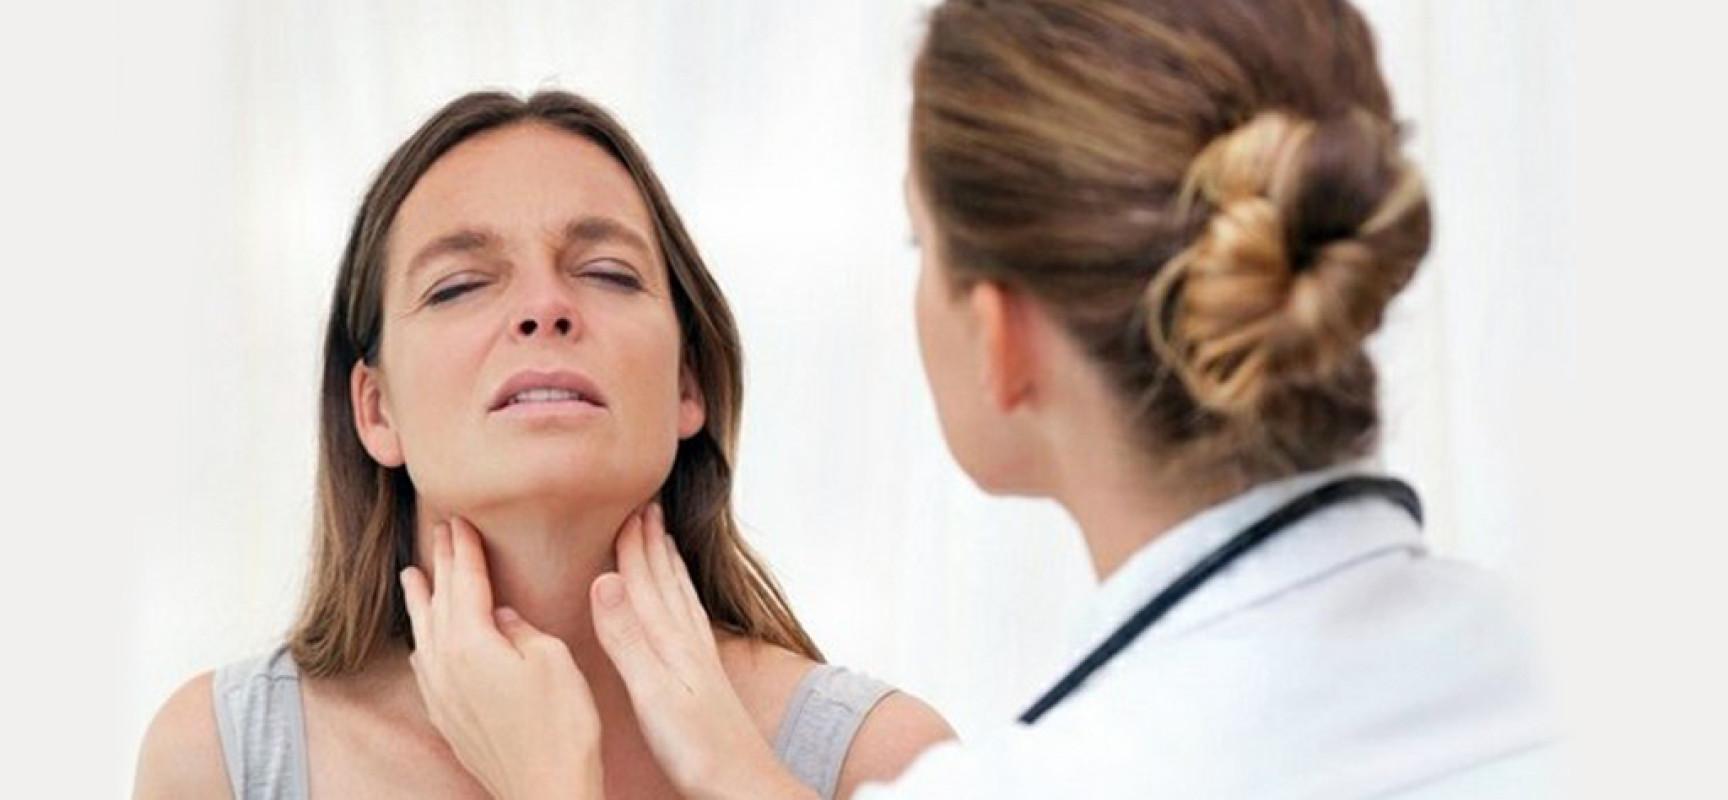 диагностика болезней щитовидной железы